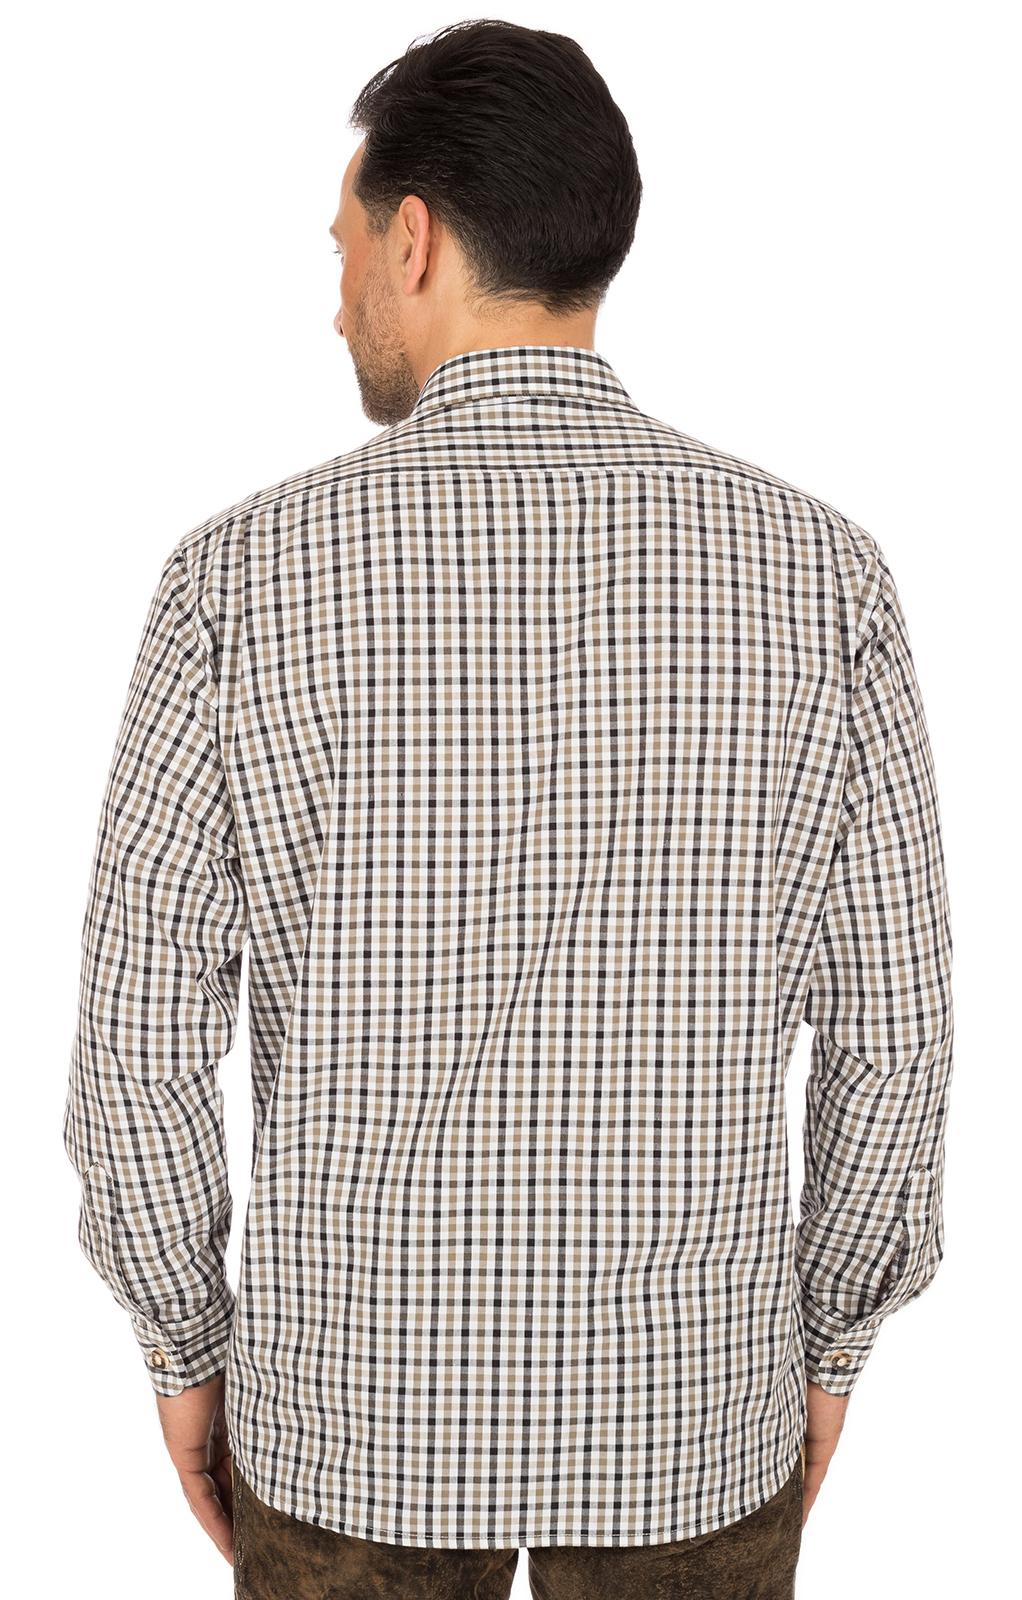 weitere Bilder von Trachtenhemd EMMERICH Krempelarm braun schwarz